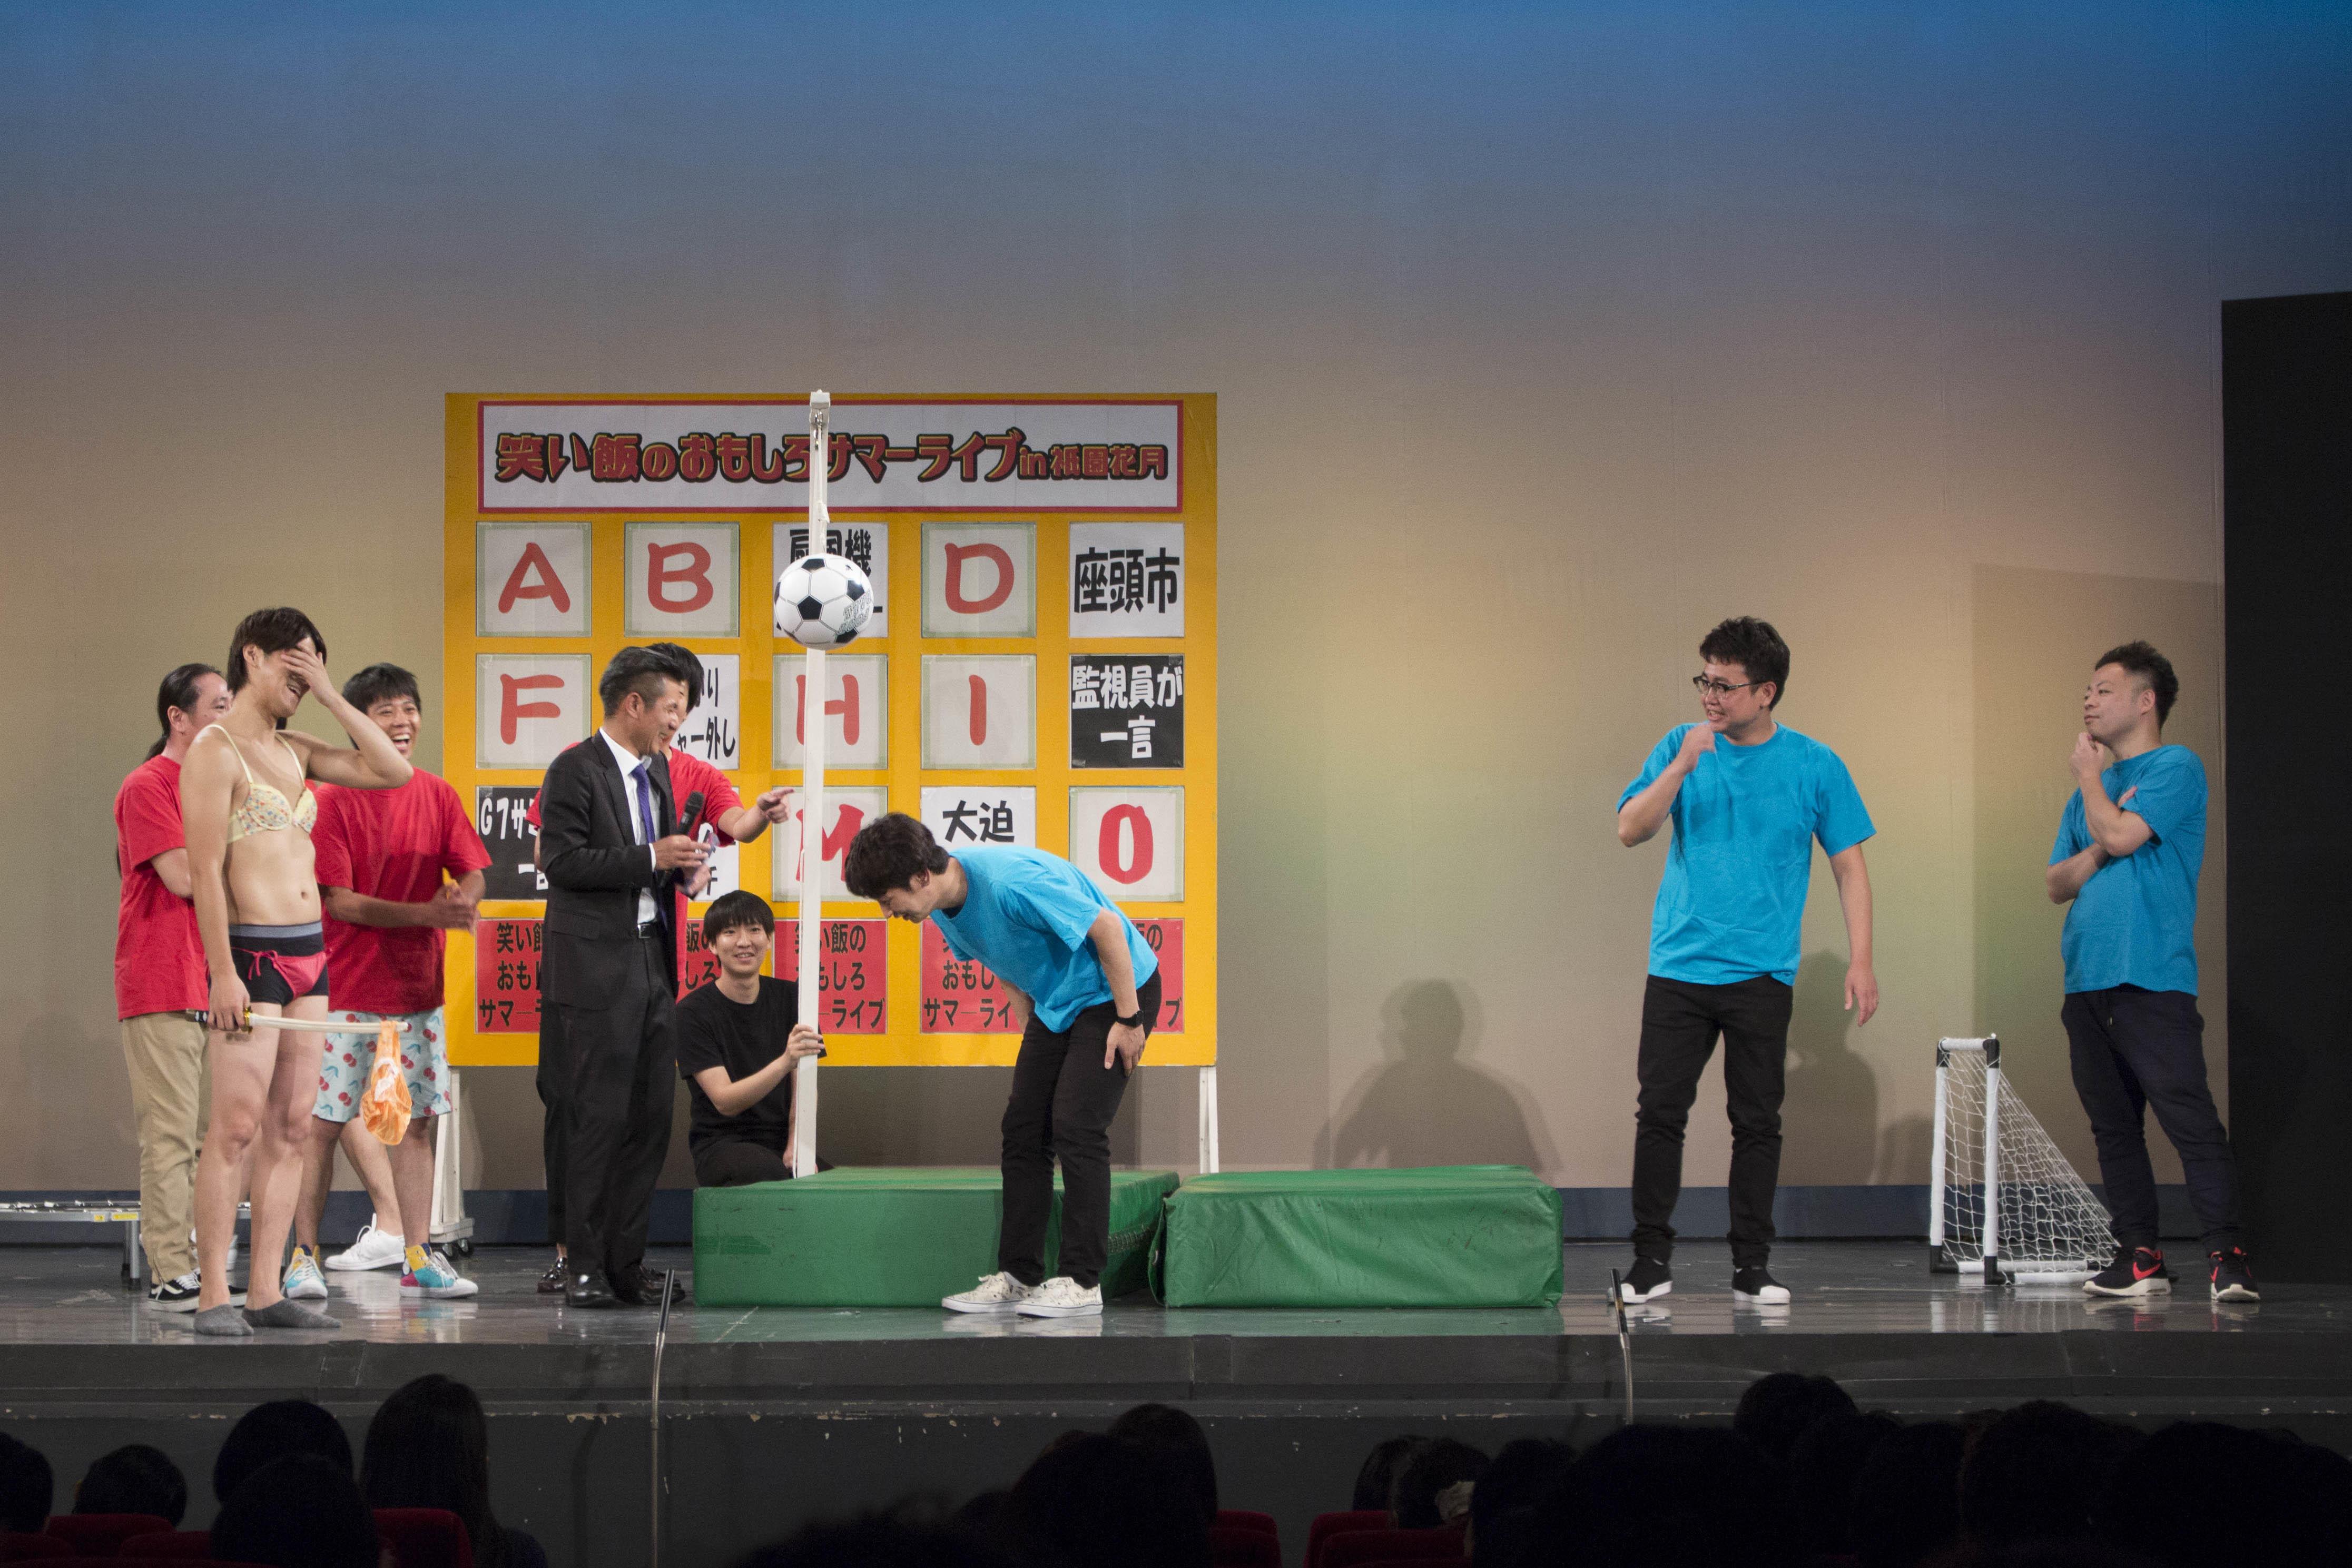 http://news.yoshimoto.co.jp/20180715063119-c93f2ca47b21309a52fb767cdd9b4cfcbe998b50.jpg